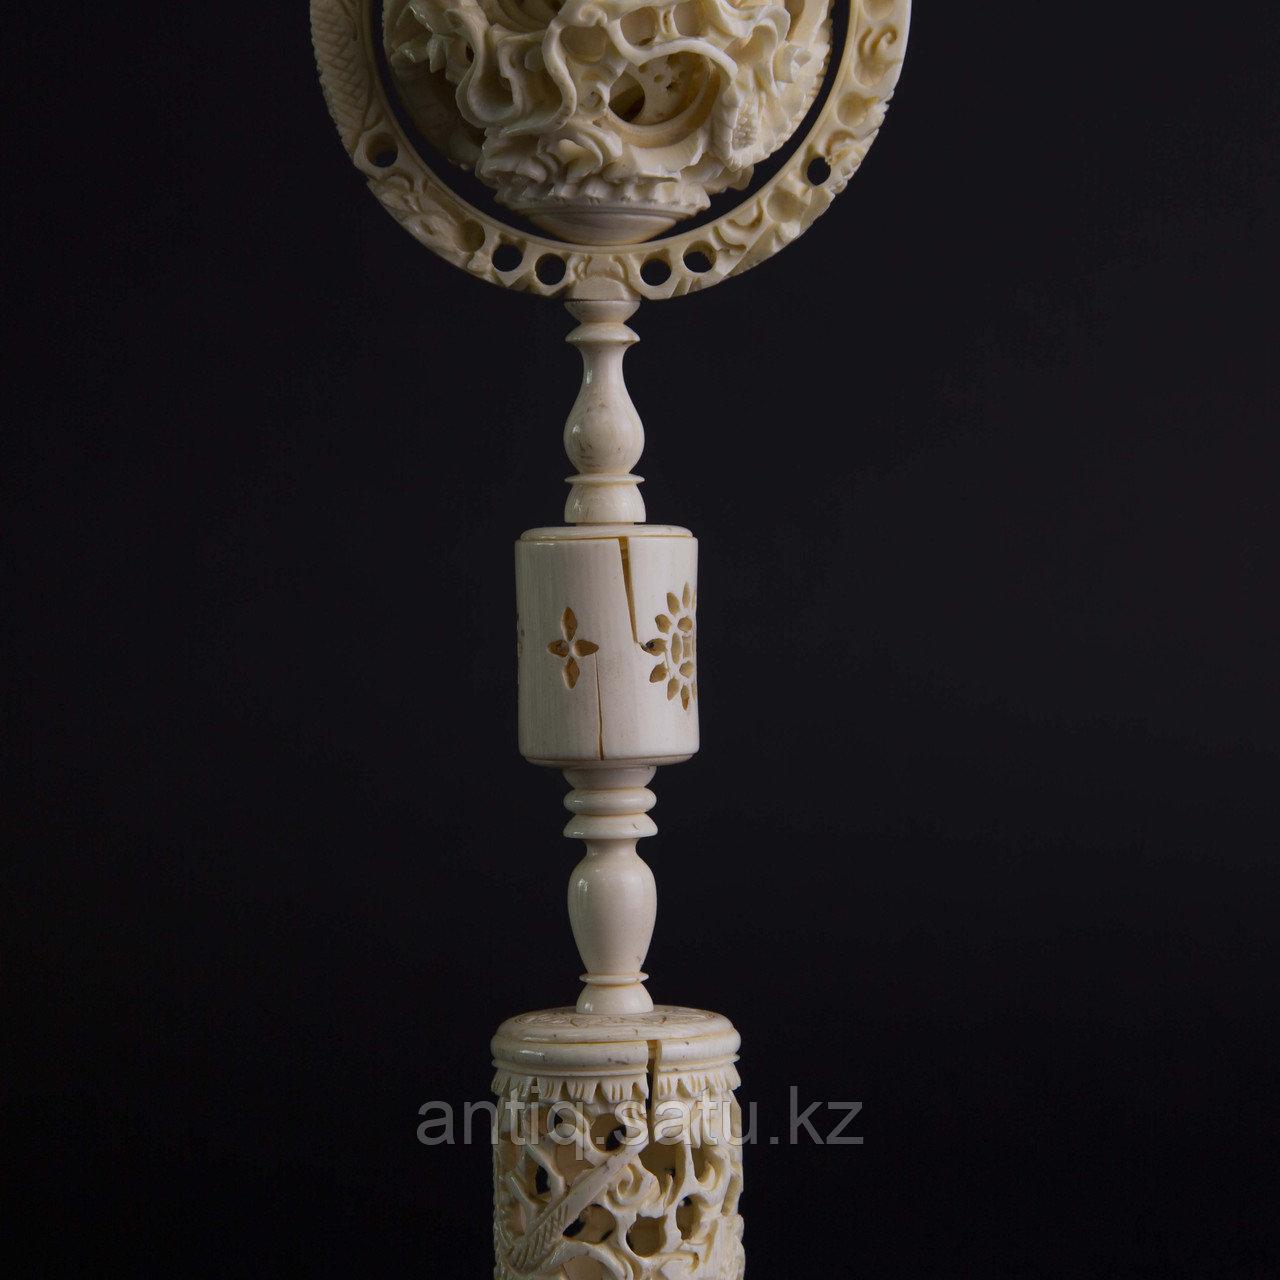 «Шар вечности» СЛОНОВАЯ КОСТЬ. Скульптурная композиция «Кантонский шар» - фото 4